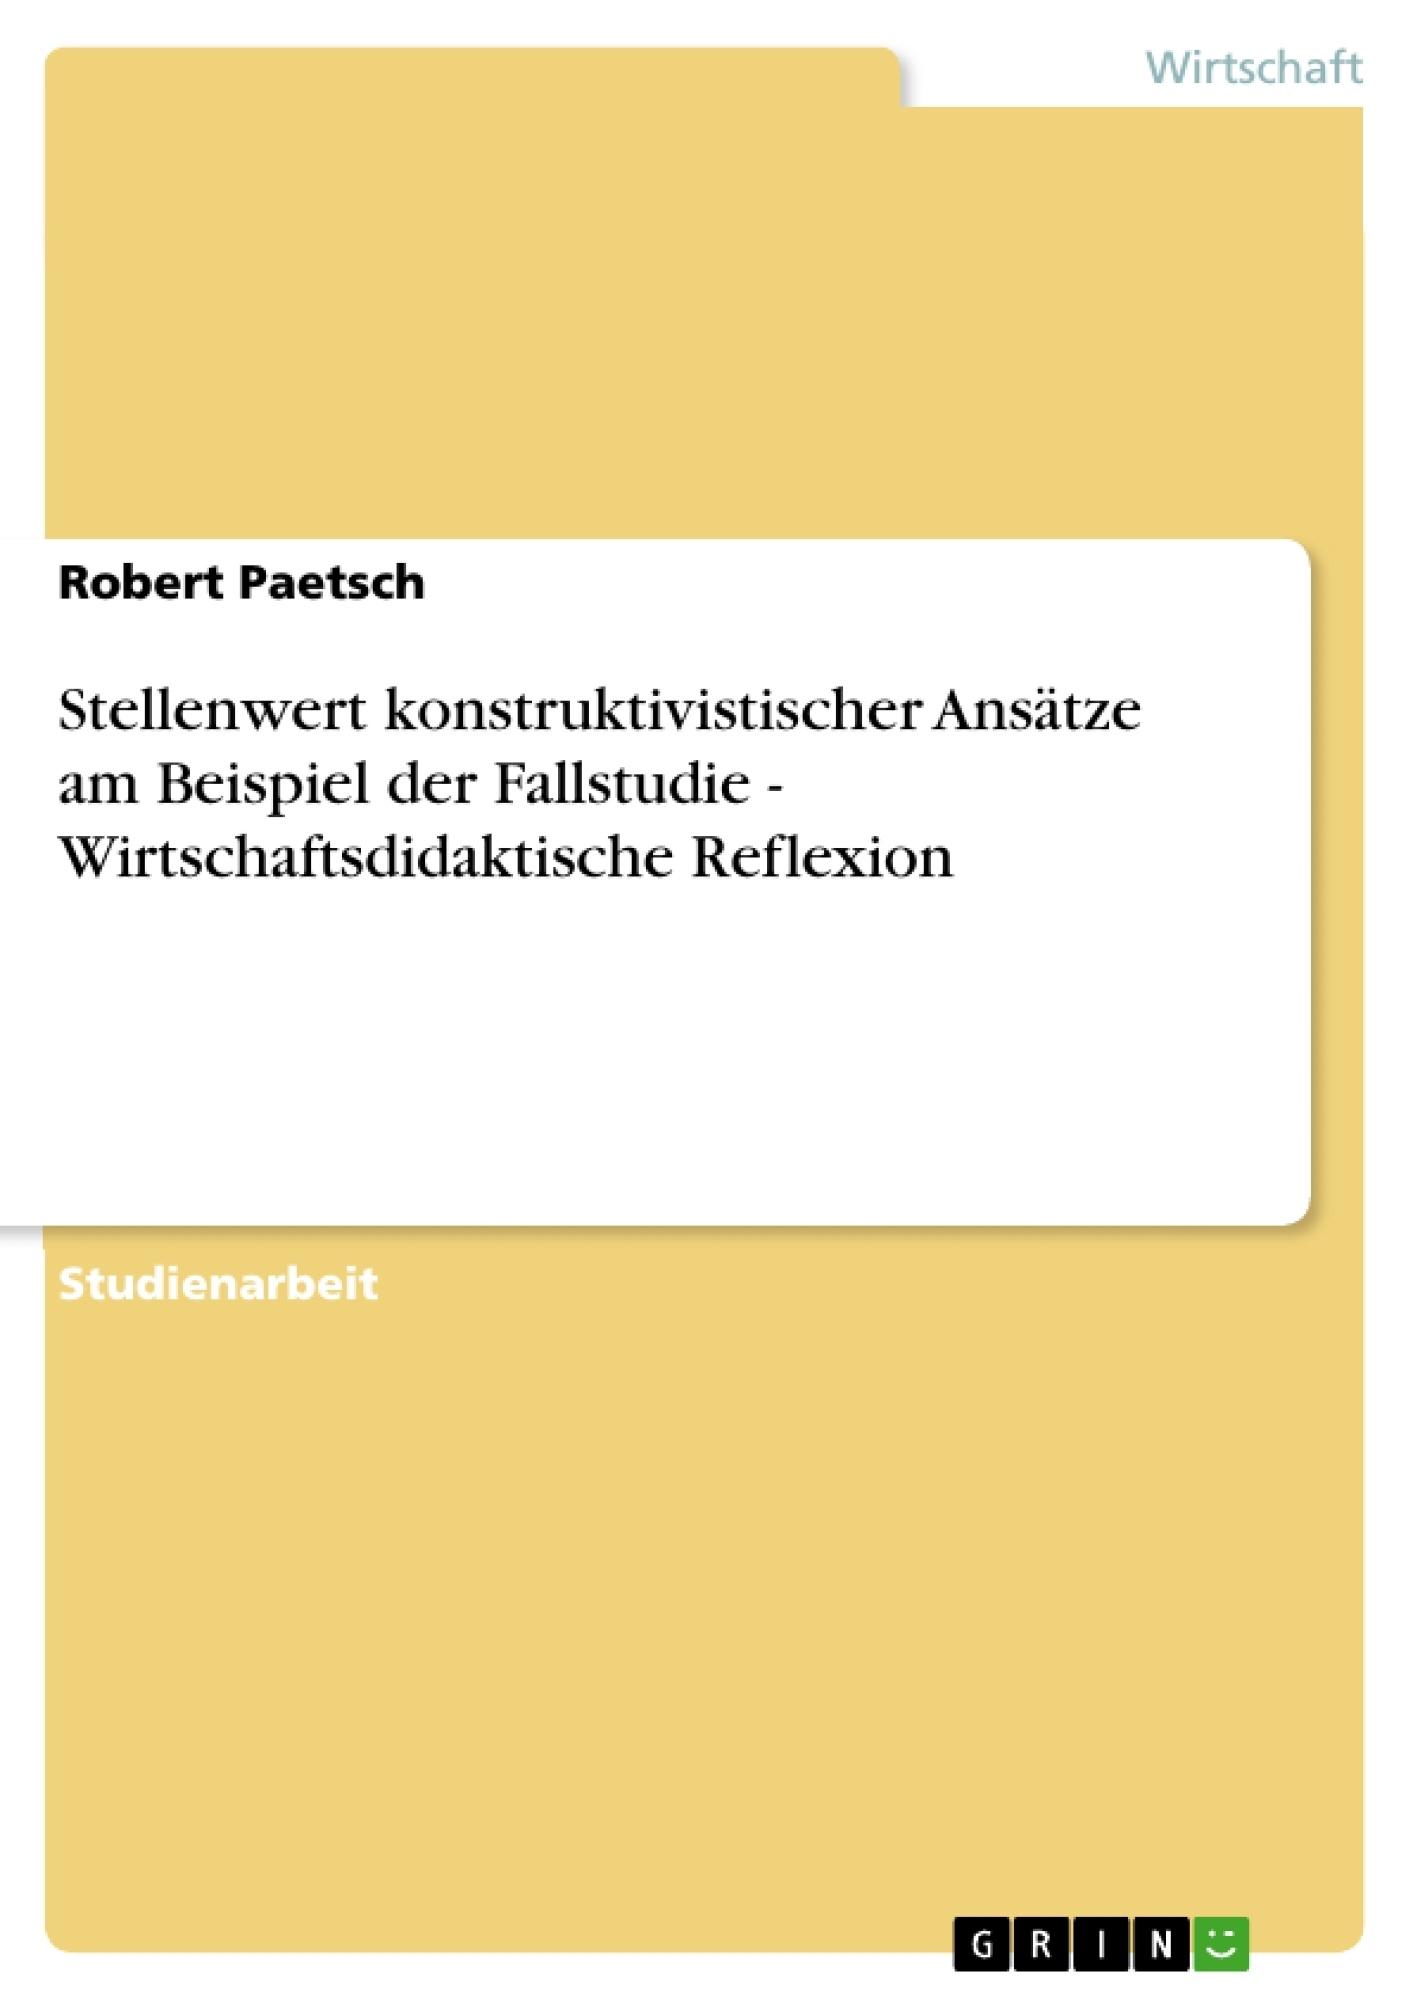 Titel: Stellenwert konstruktivistischer Ansätze am Beispiel der Fallstudie - Wirtschaftsdidaktische Reflexion